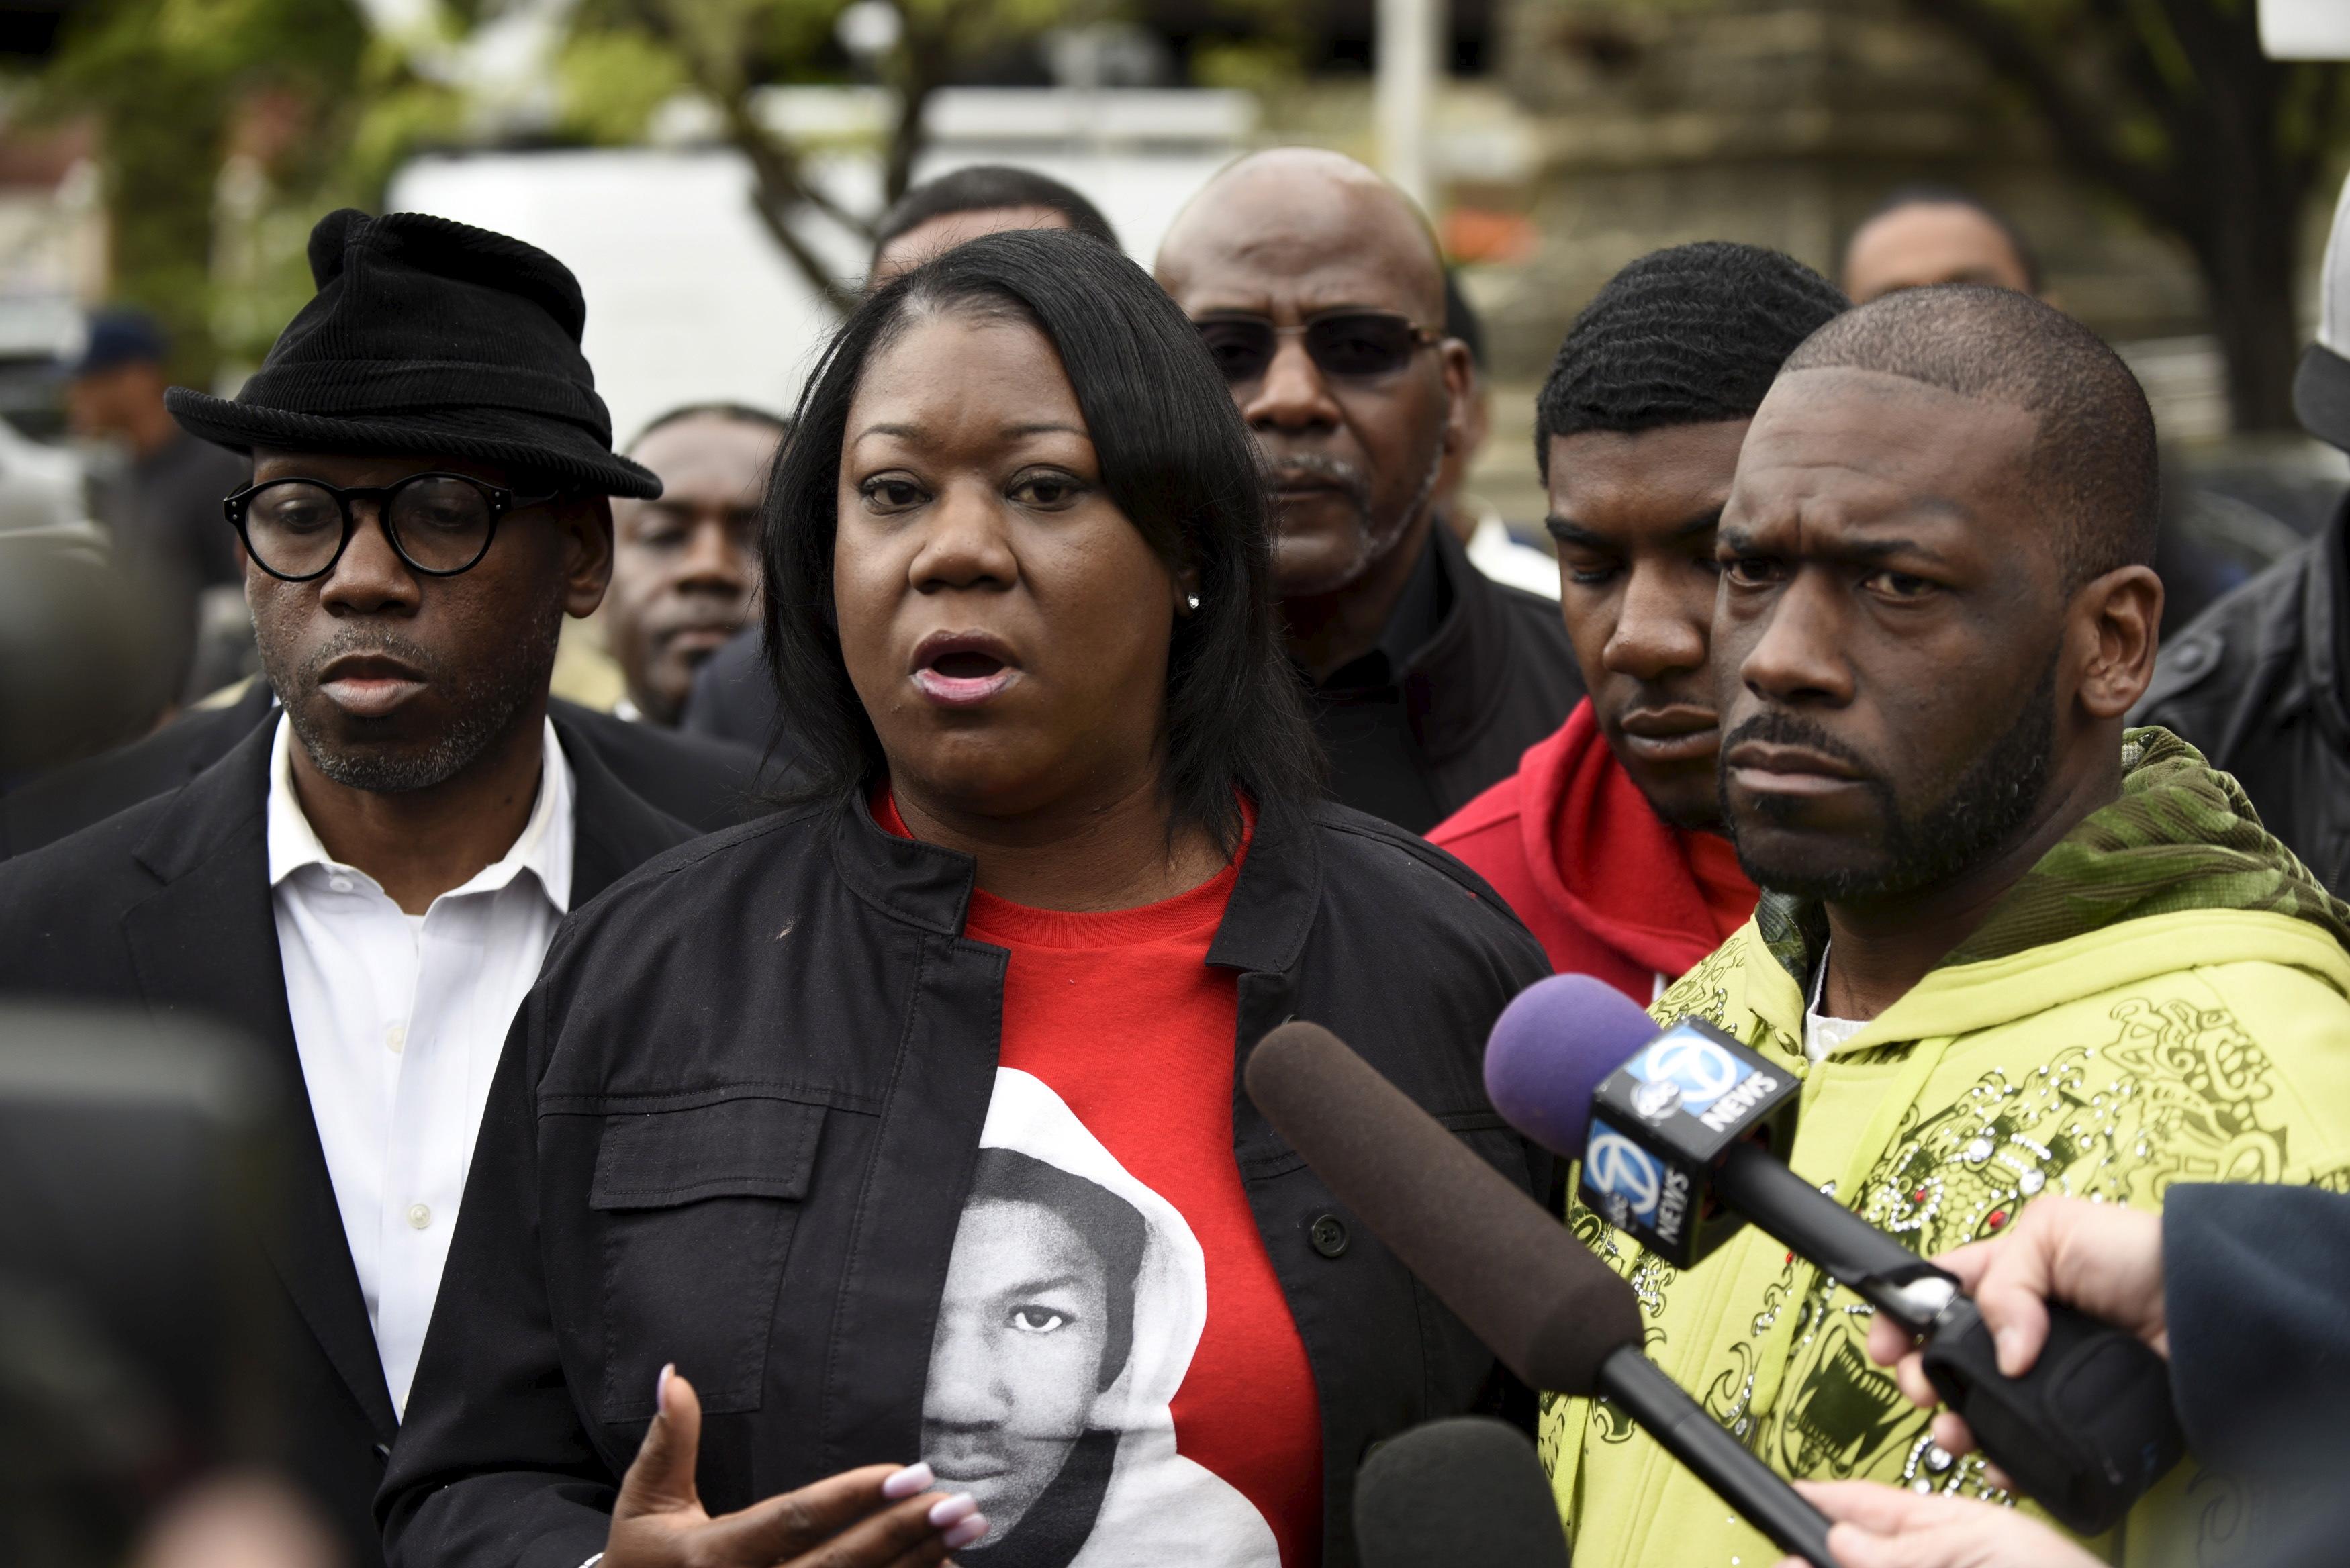 Sybrina Fulton Trayvon Martin